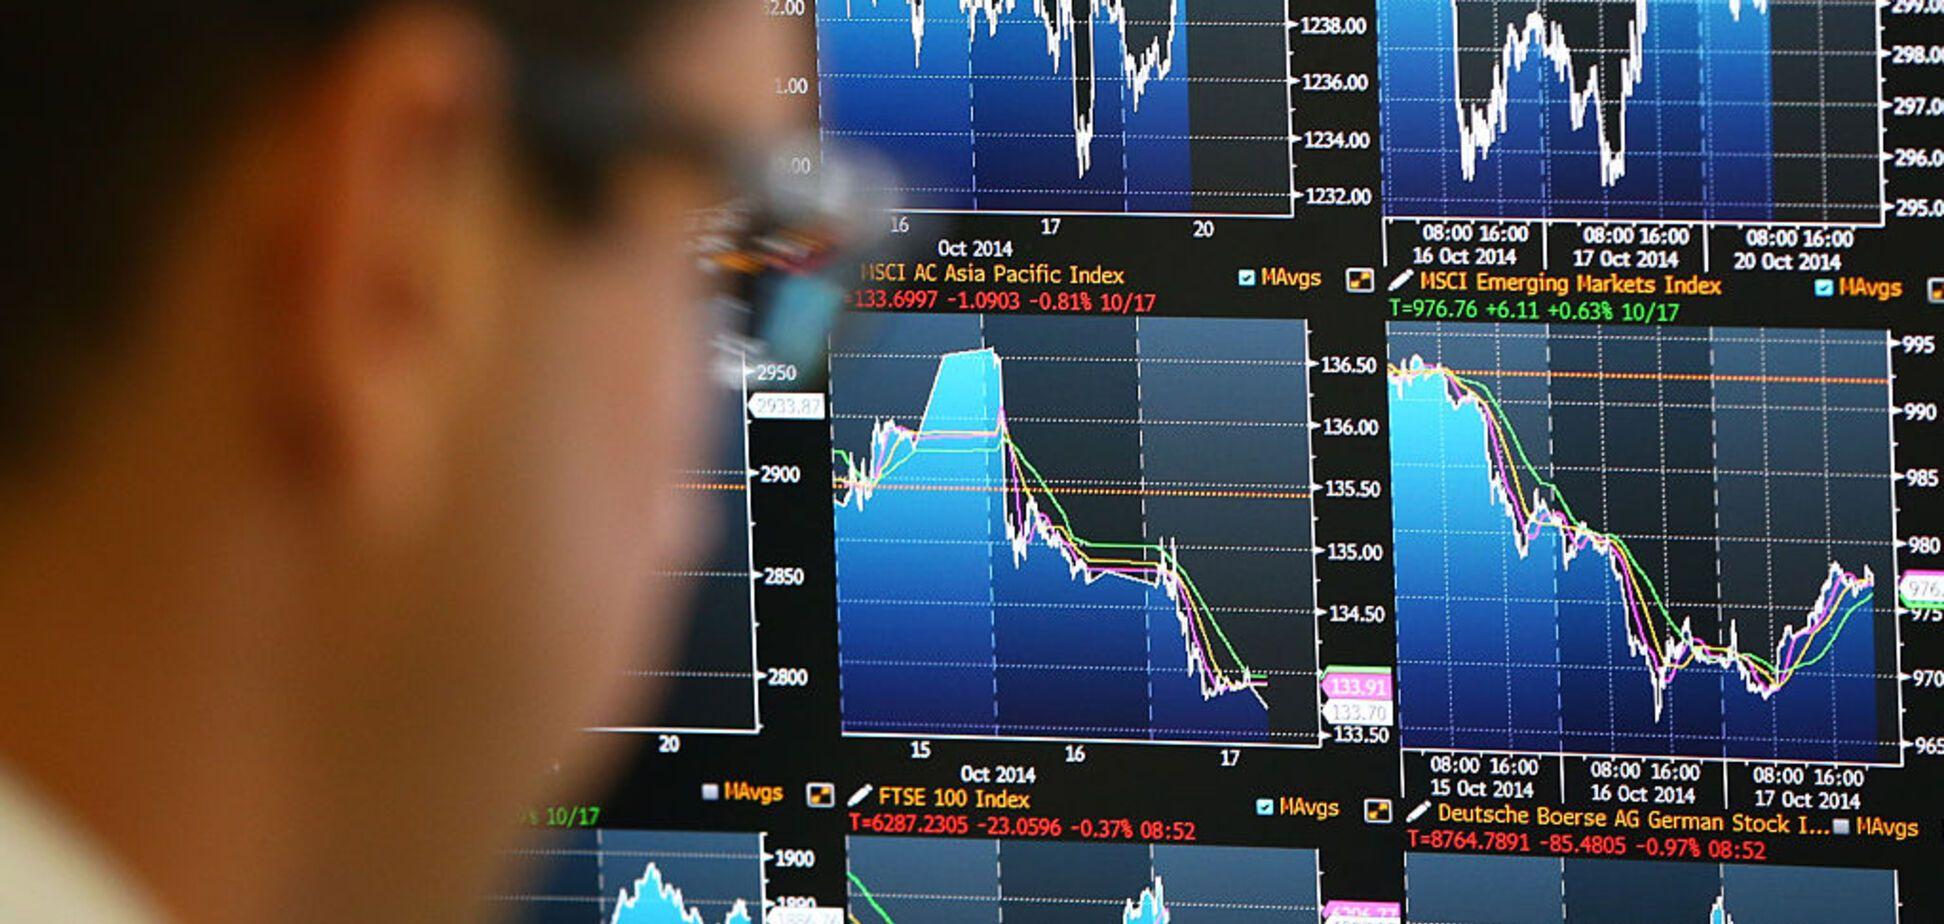 Американский фондовый рынок рухнул вместе с нефтью